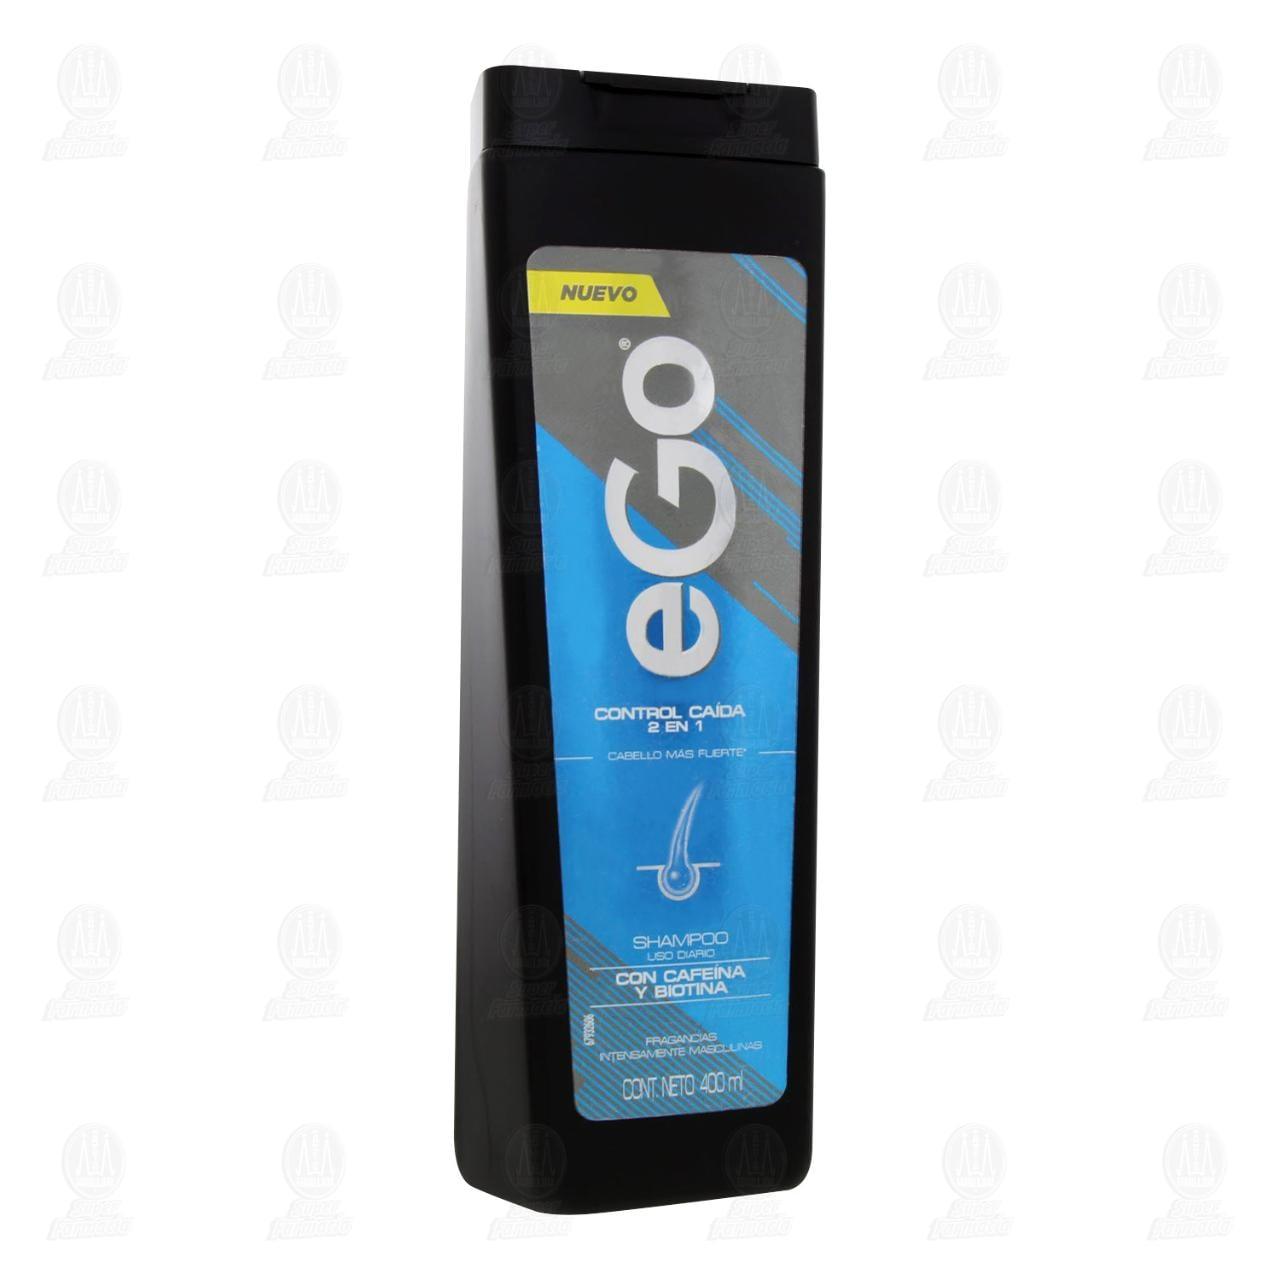 Comprar Shampoo Ego Control Caída 2 en 1, 400 ml. en Farmacias Guadalajara